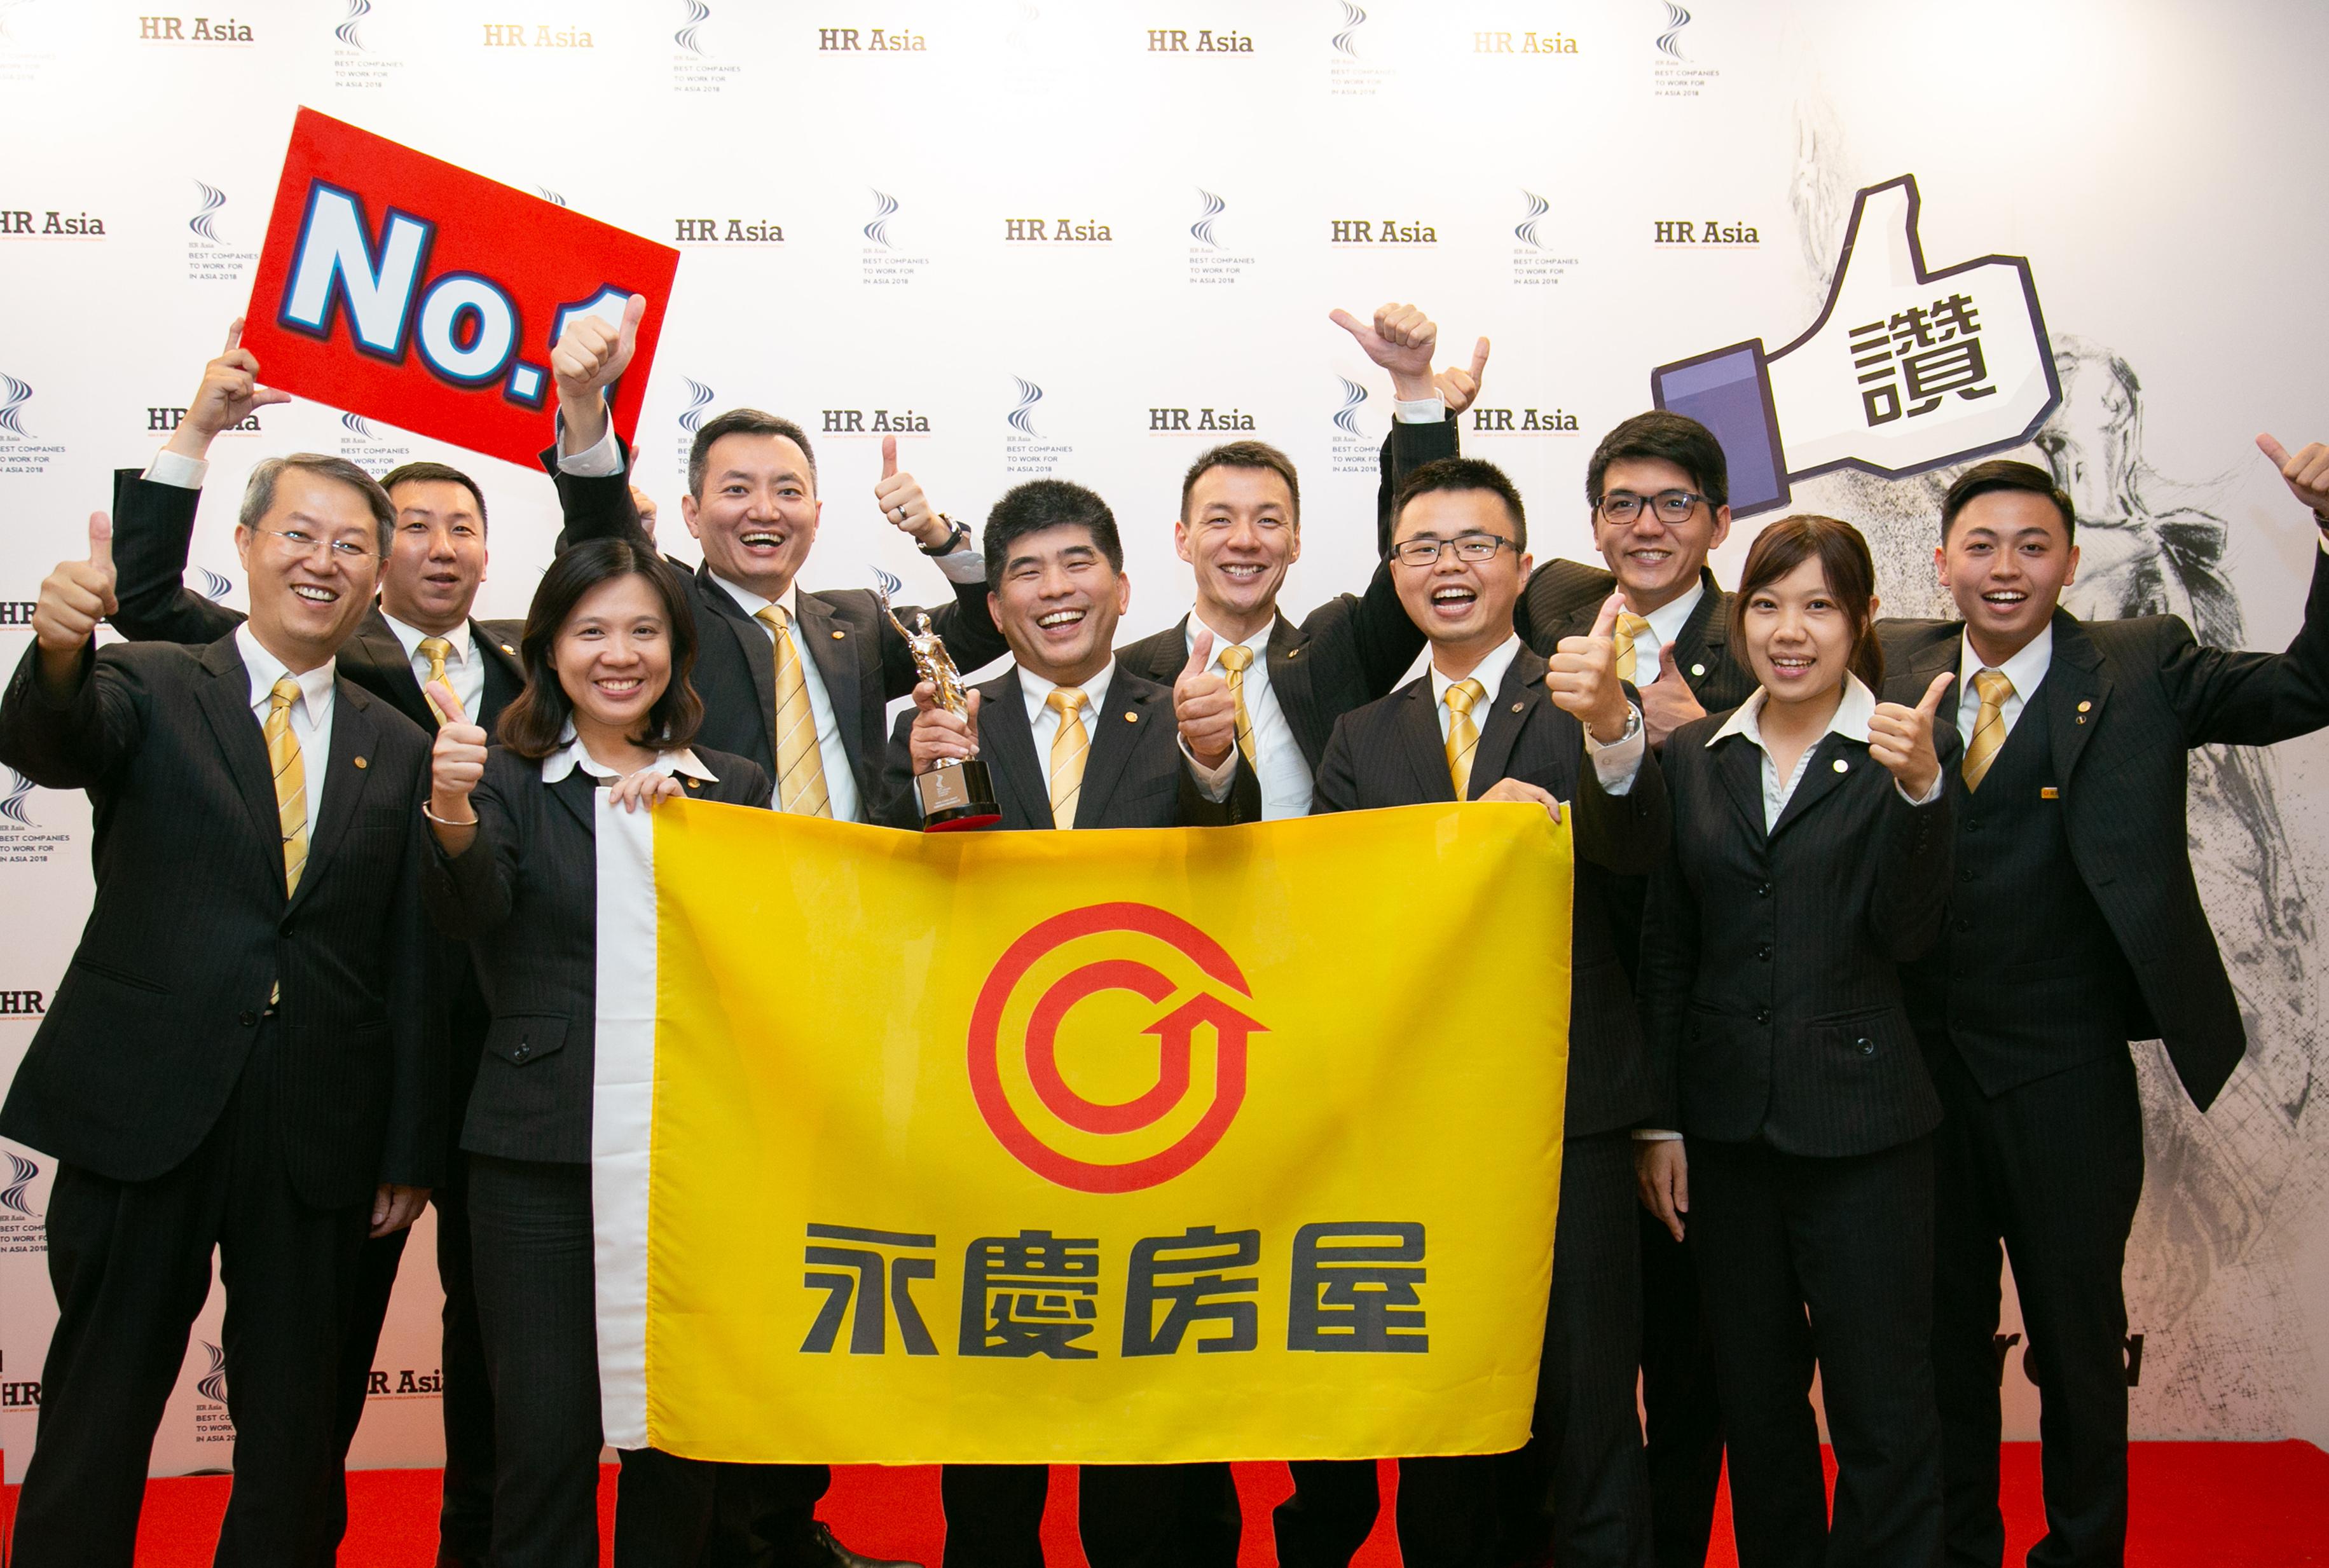 房仲唯一獲國際肯定!永慶房屋獲「亞洲最佳企業雇主獎」